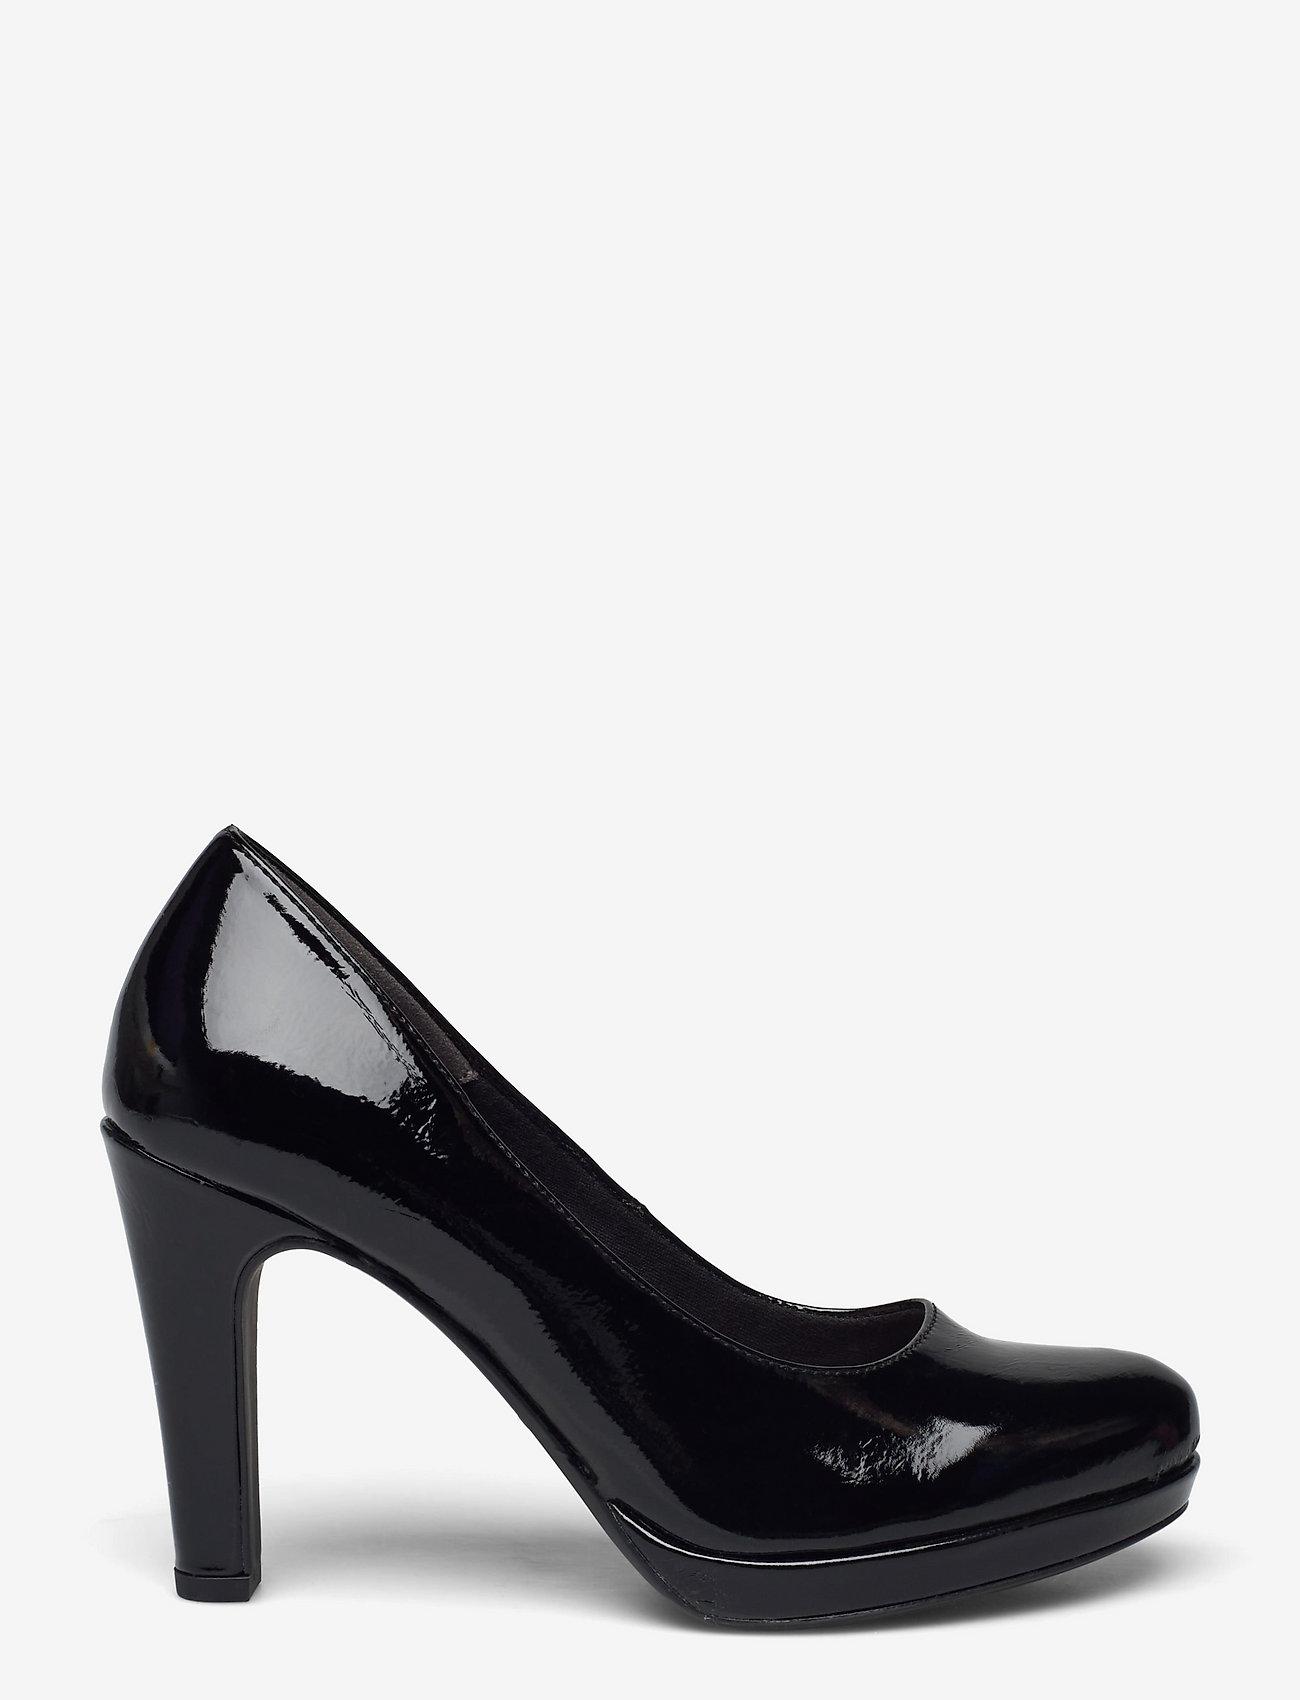 Tamaris - Woms Court Shoe - Moffen - klasiski augstpapēžu apavi - black patent - 1